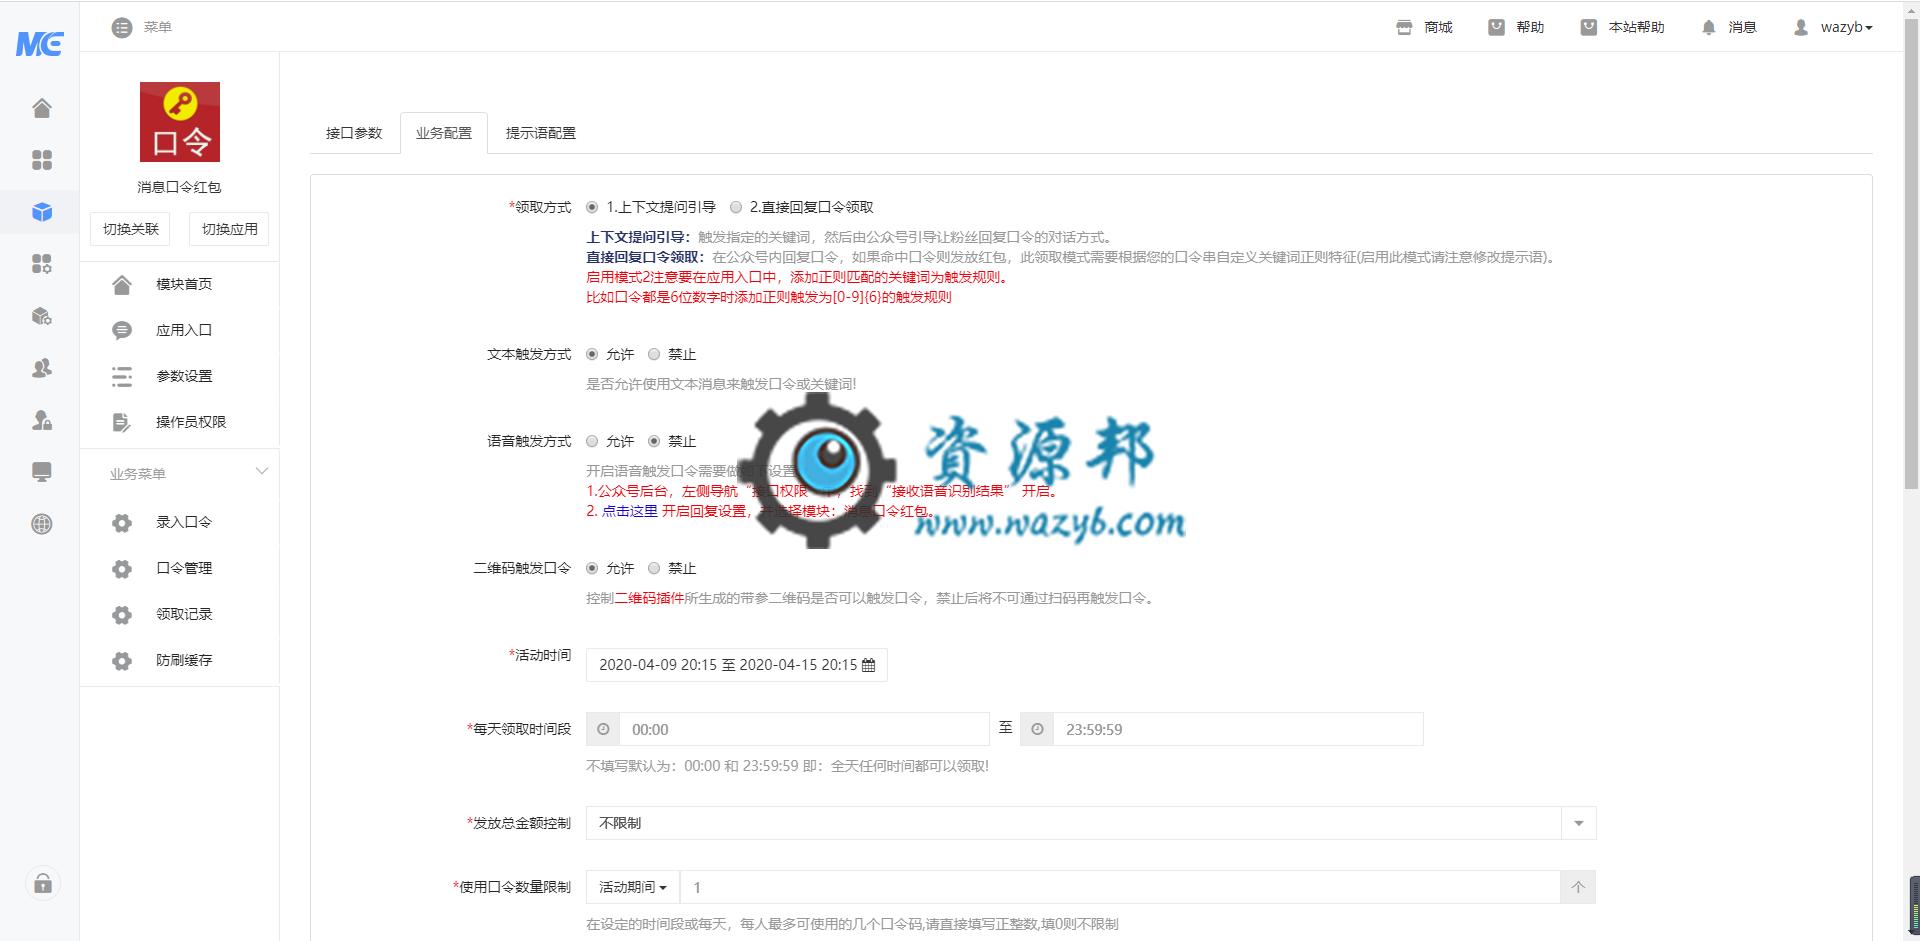 【正版应用打包】消息口令红包应用包更新【更新至V1.3.5】 第2张